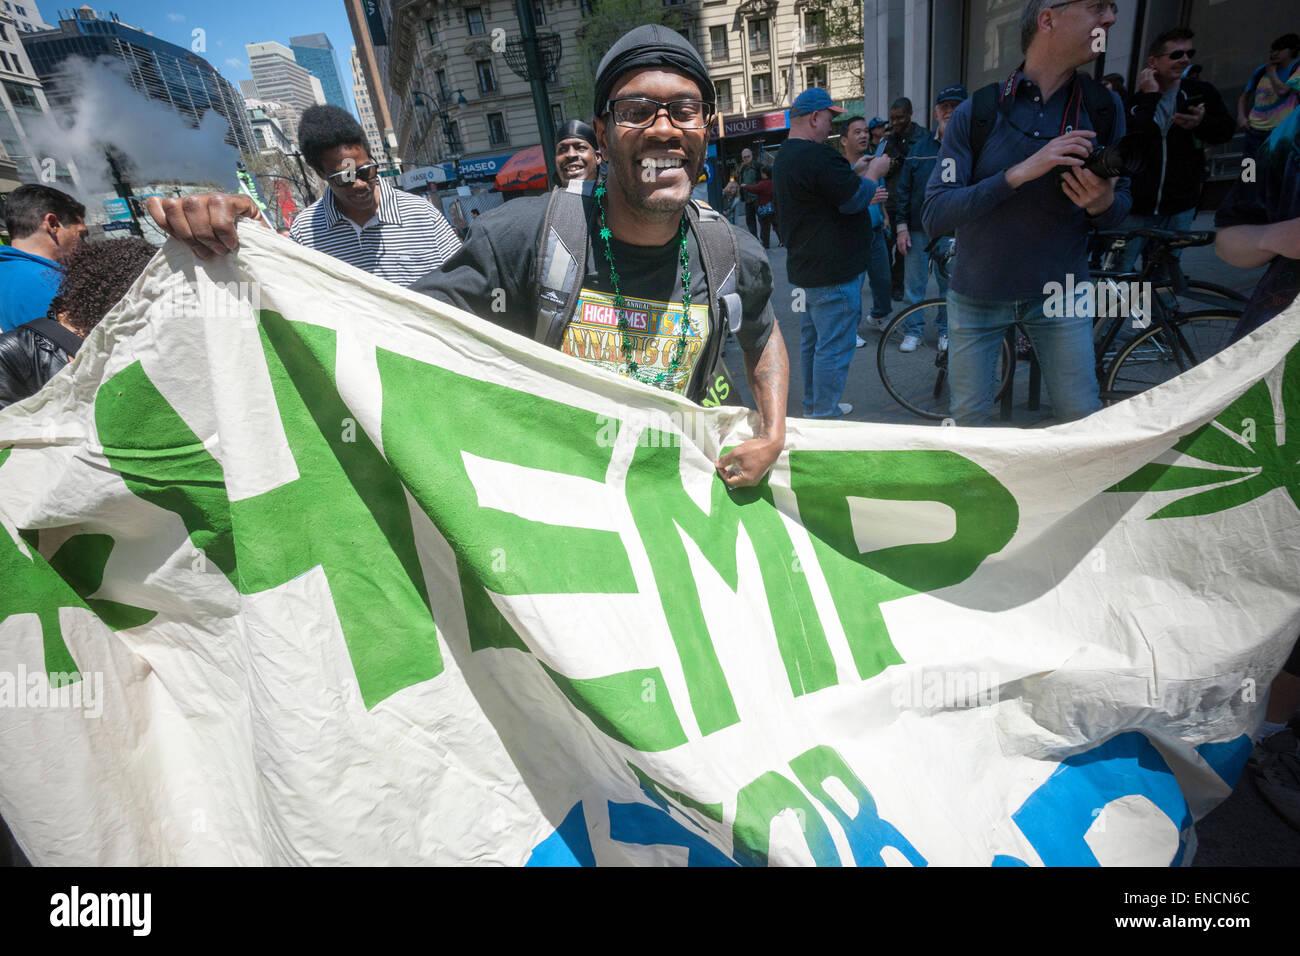 Nueva York, Estados Unidos. El 2 de mayo, 2015. Aboga por la legalización de la marihuana de marzo en Nueva Imagen De Stock